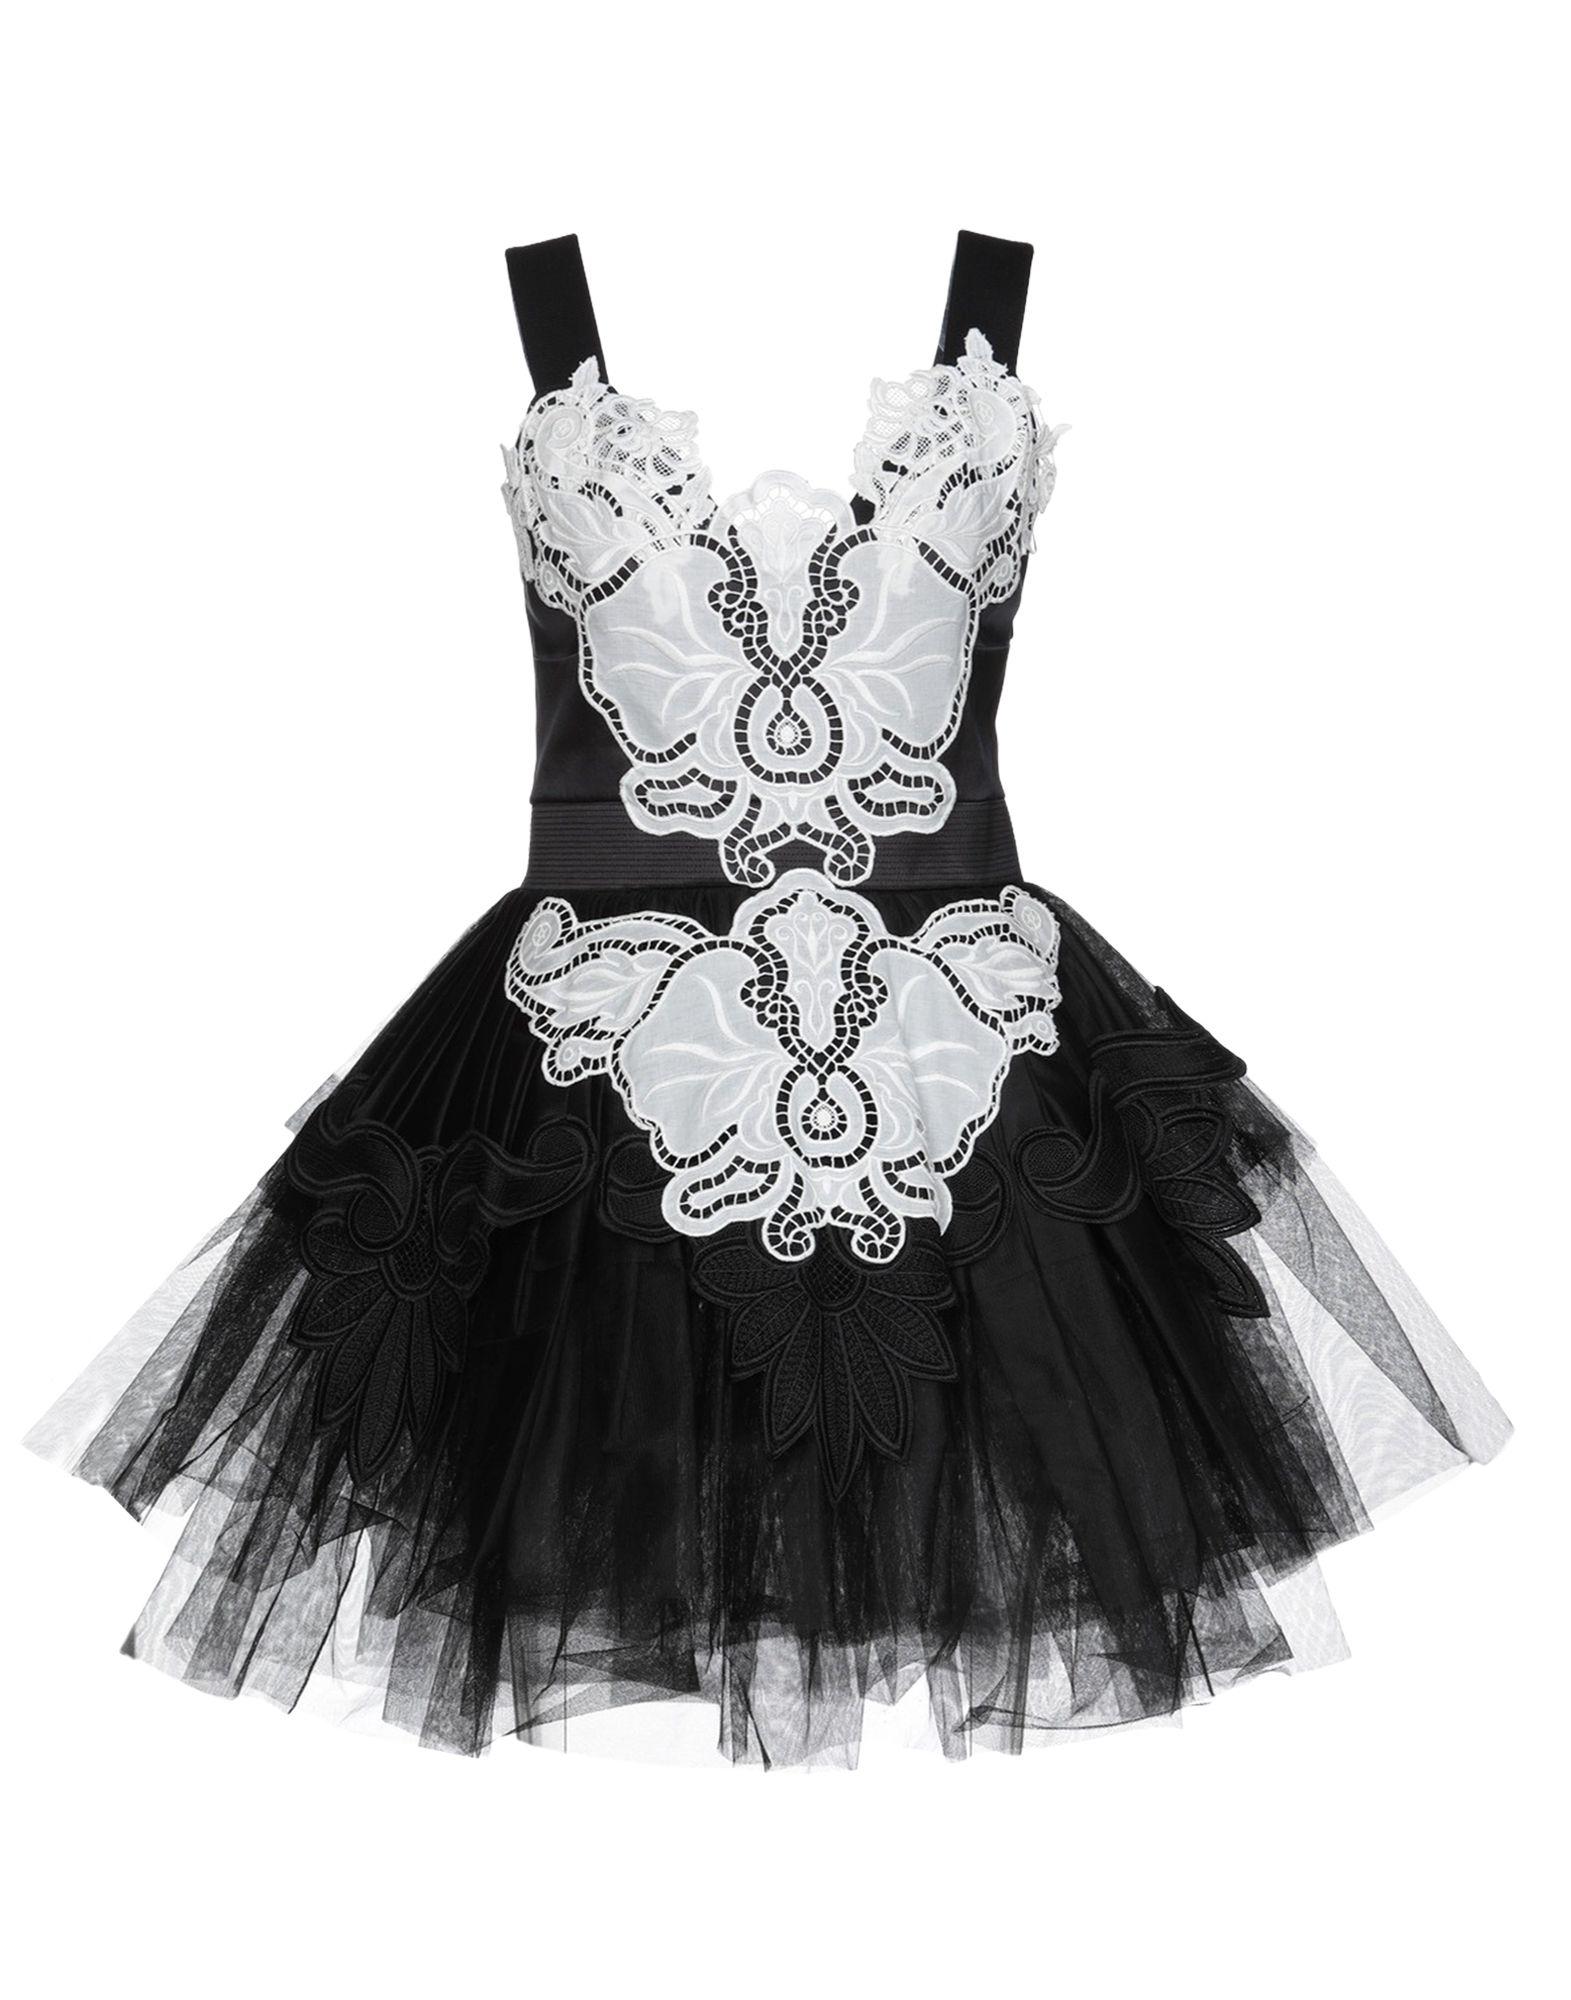 《送料無料》FAUSTO PUGLISI レディース ミニワンピース&ドレス ブラック 38 ナイロン 100% / ポリエステル / シルク